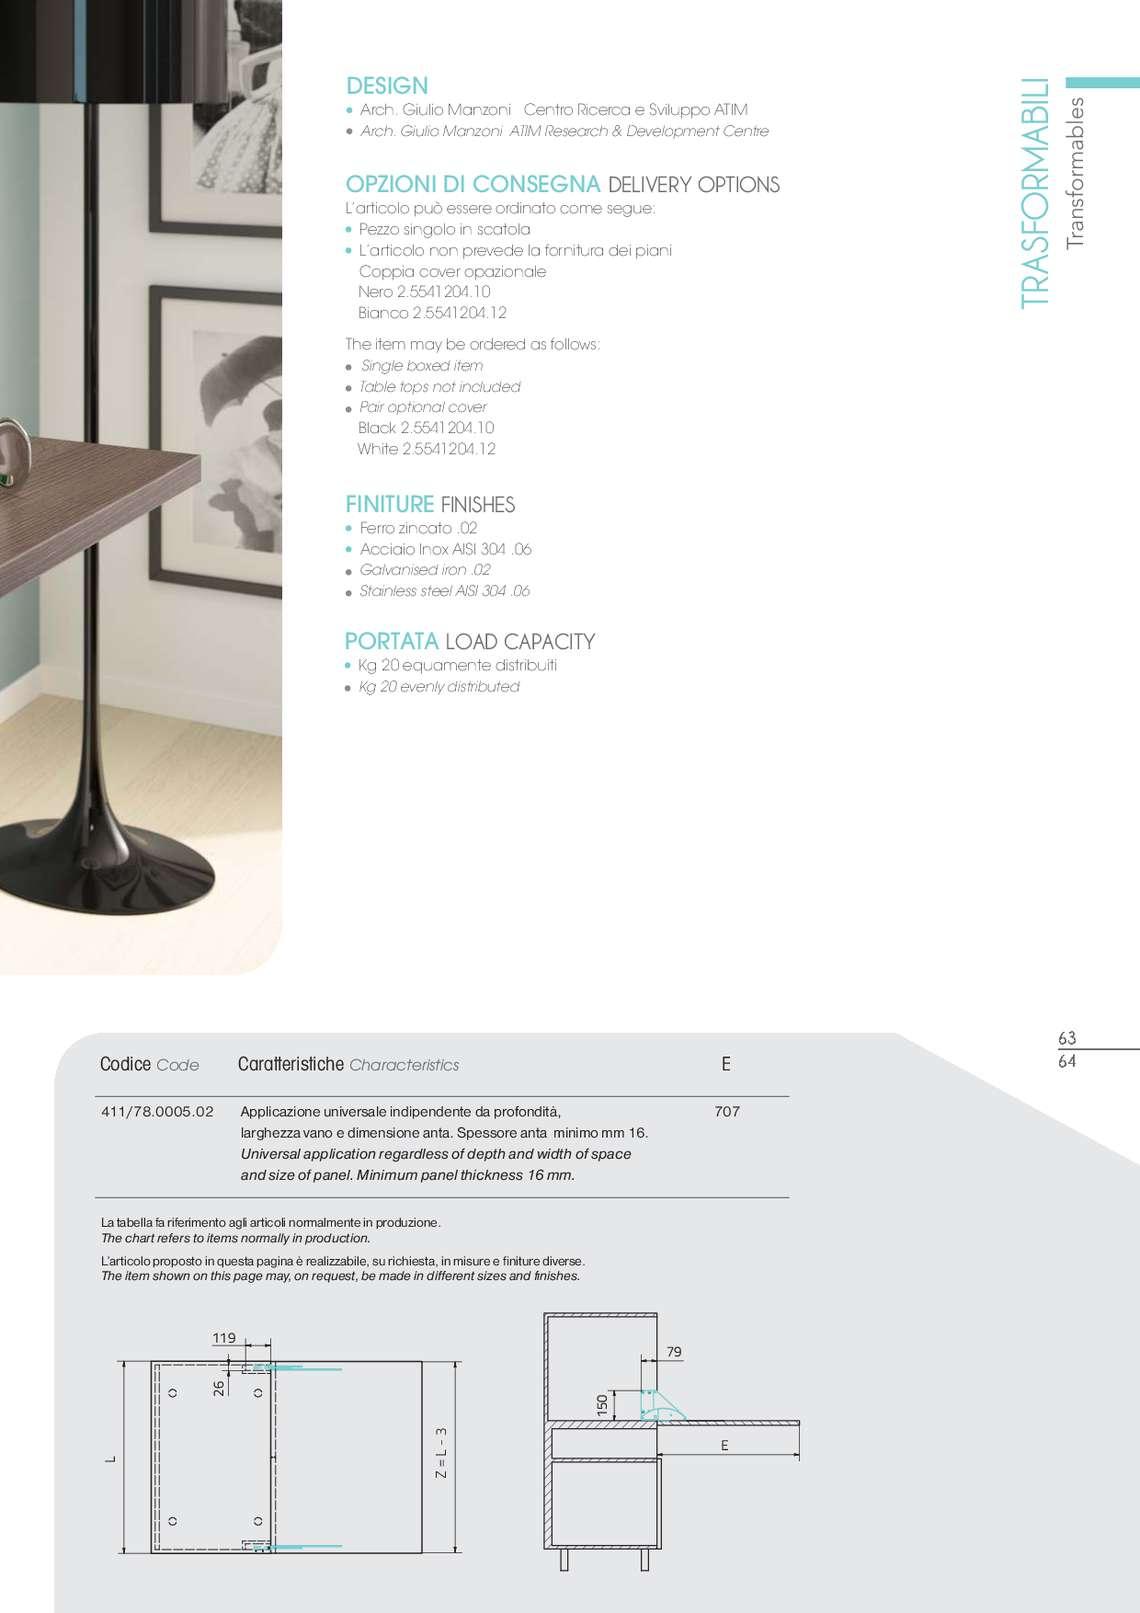 catalogo-trasformabili-atim_22_068.jpg